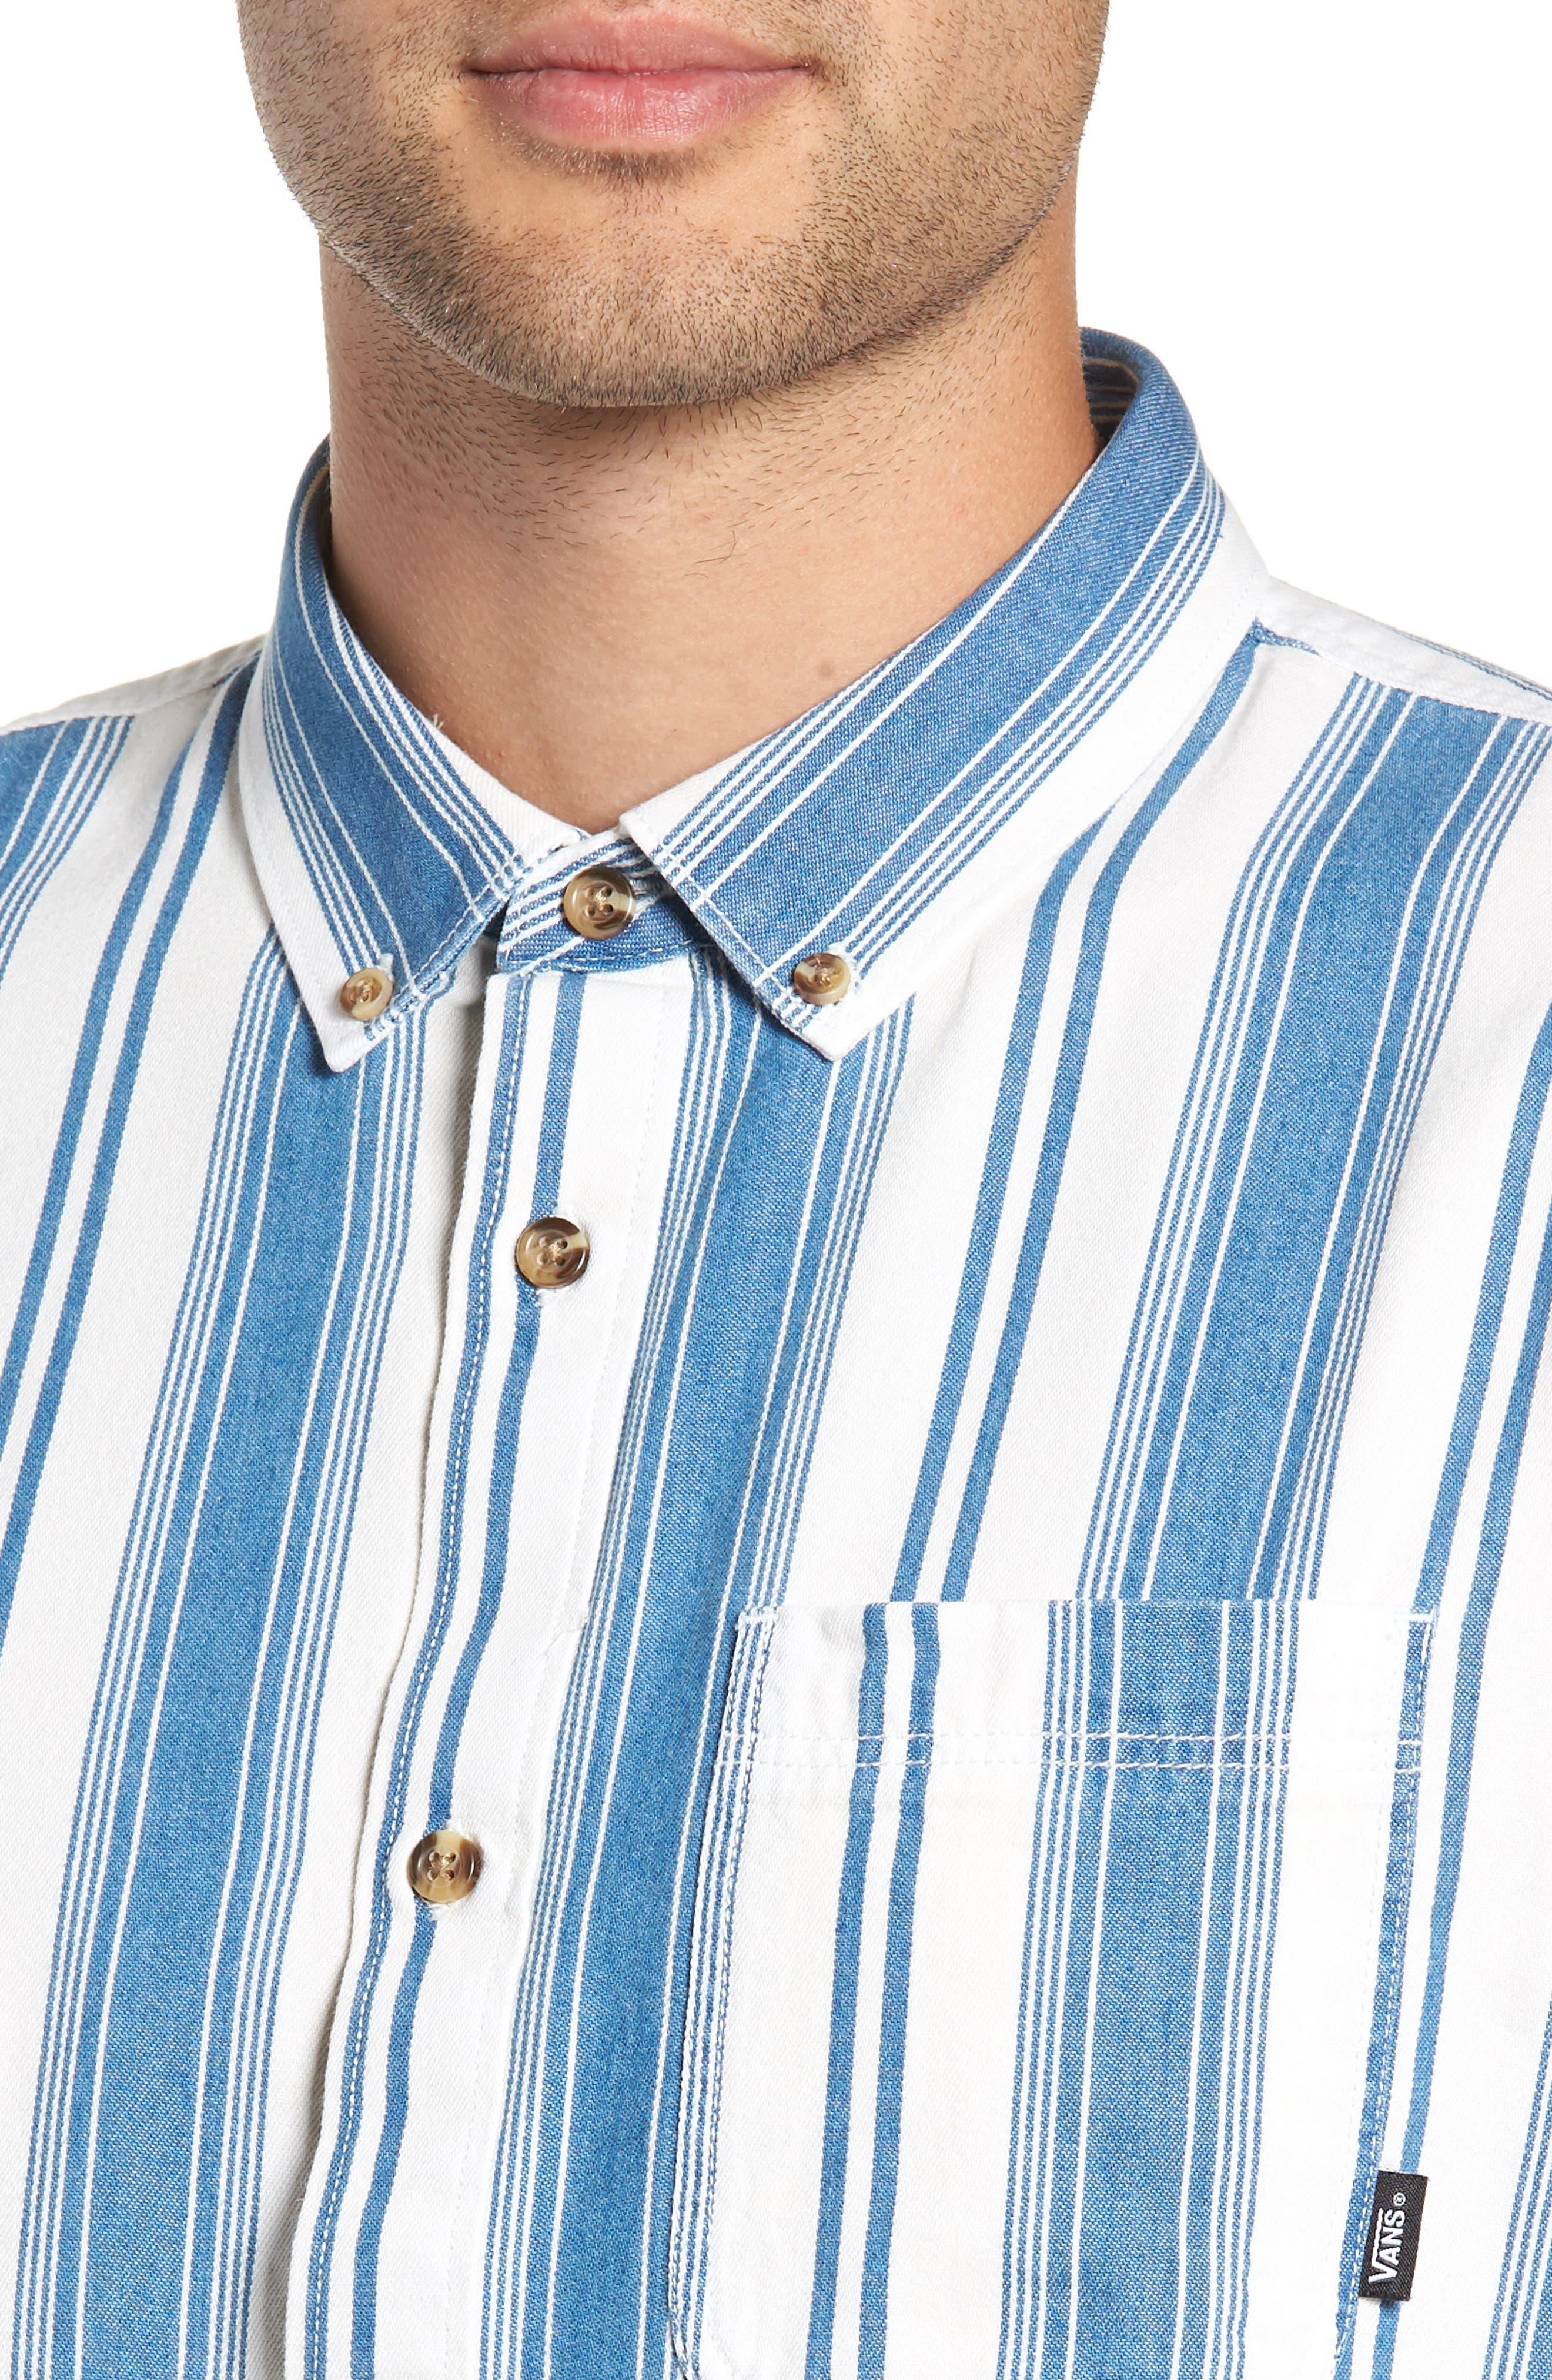 Linden Striped Woven Shirt,                             Alternate thumbnail 2, color,                             INDIGO